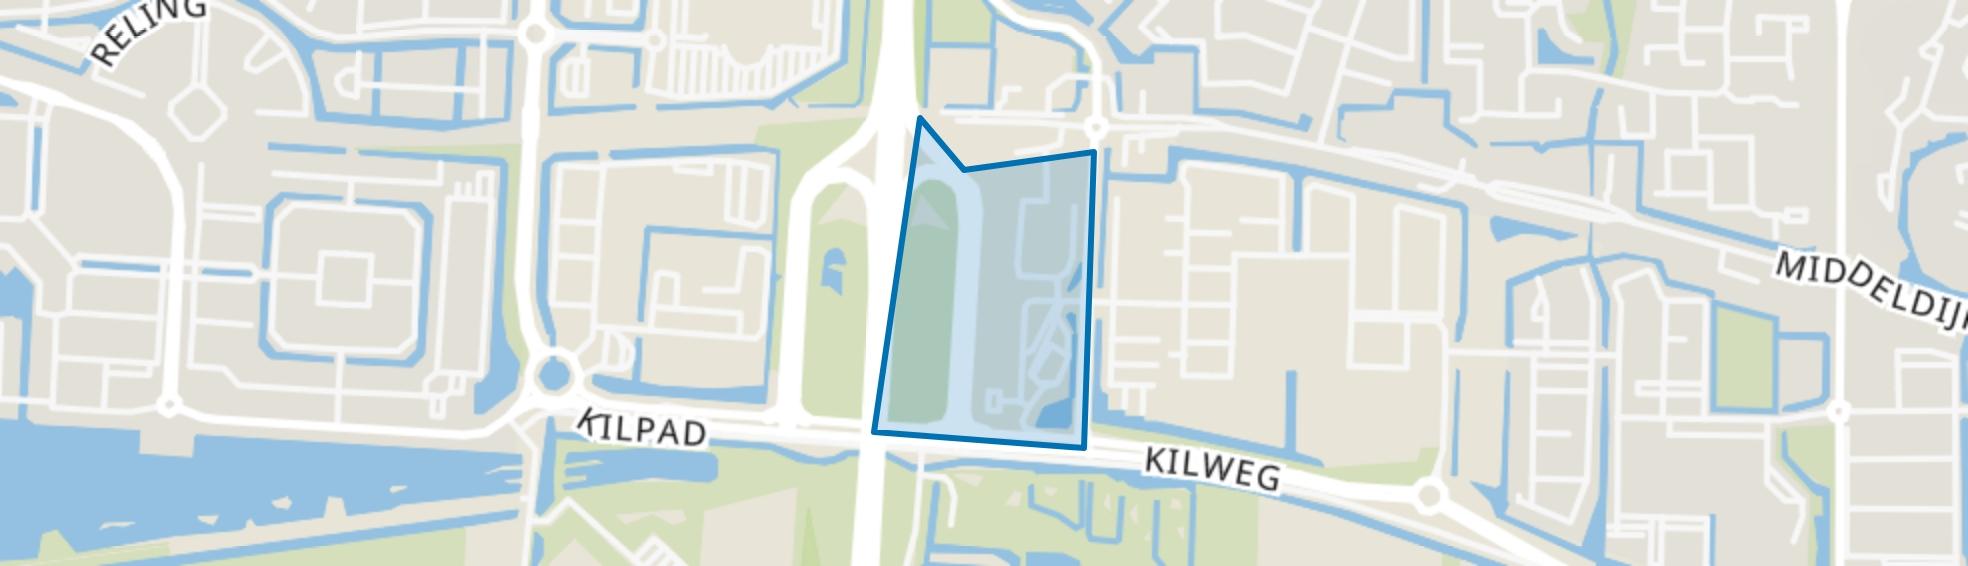 BT Kilweg Noord, Barendrecht map